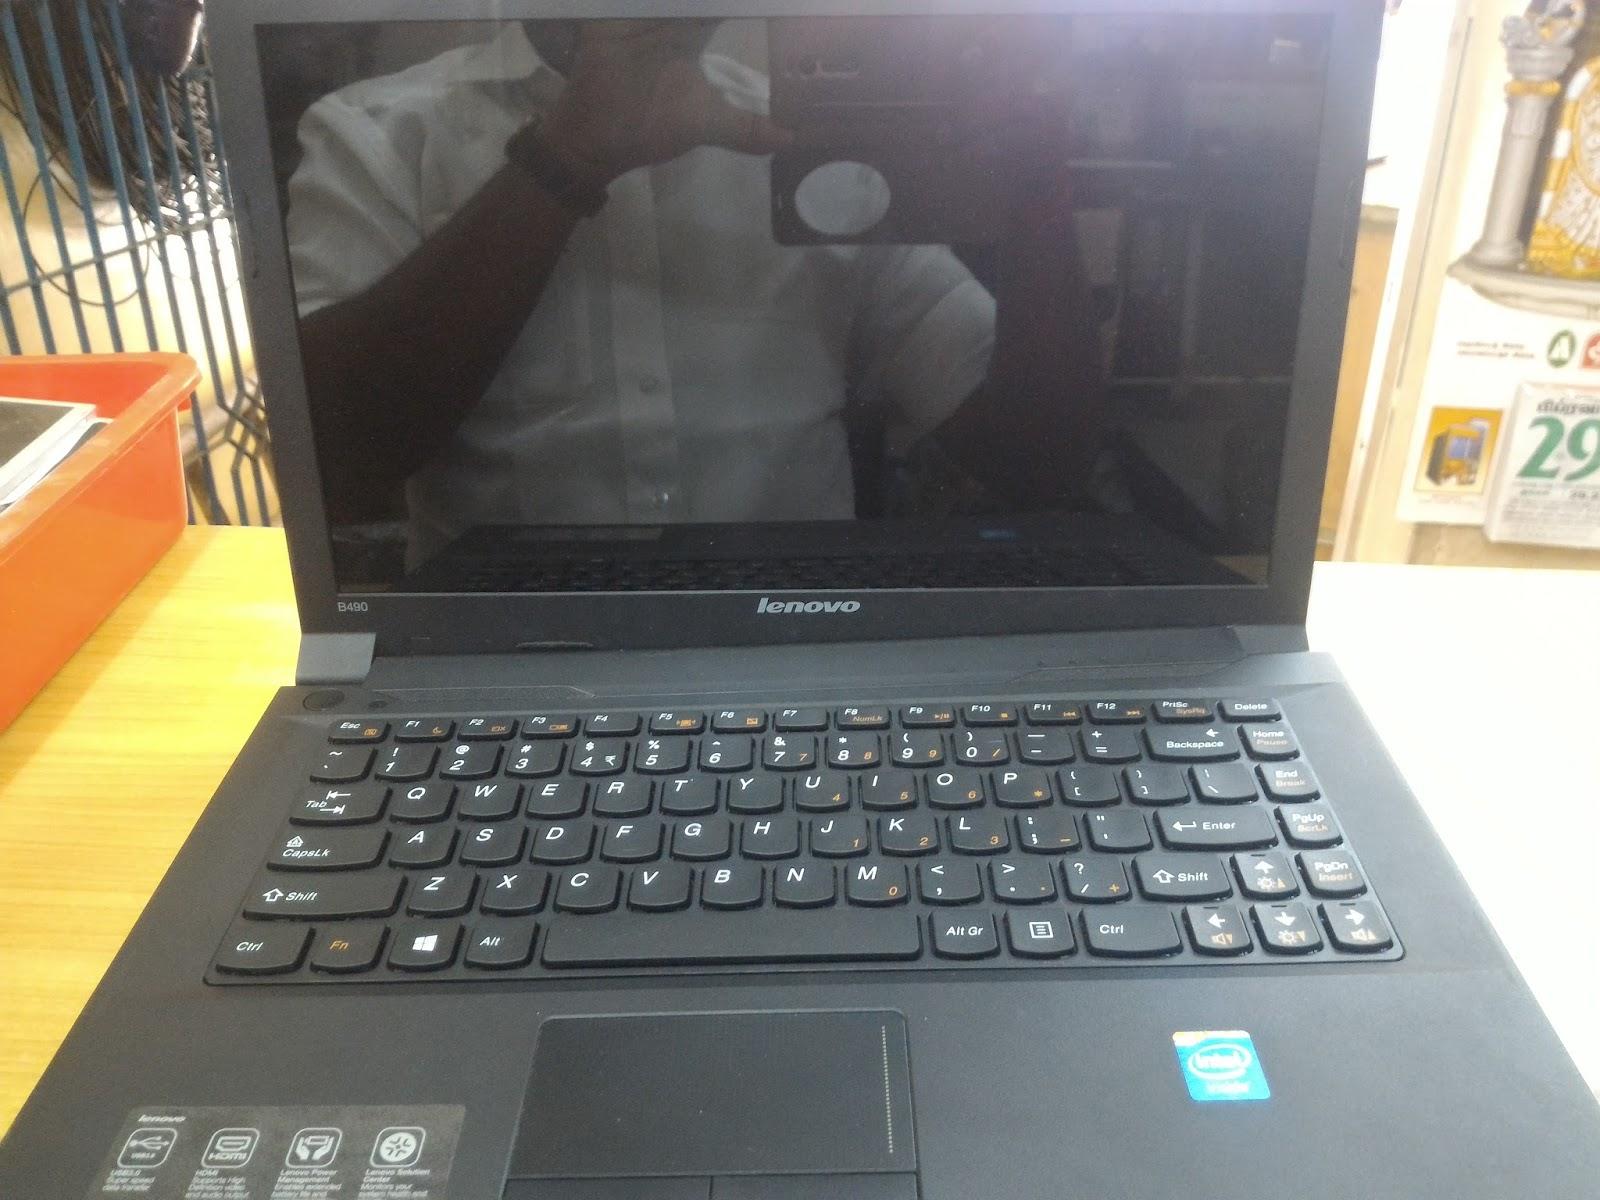 Lenovo B490 Tamilnadu Government Laptop Bios Bin File